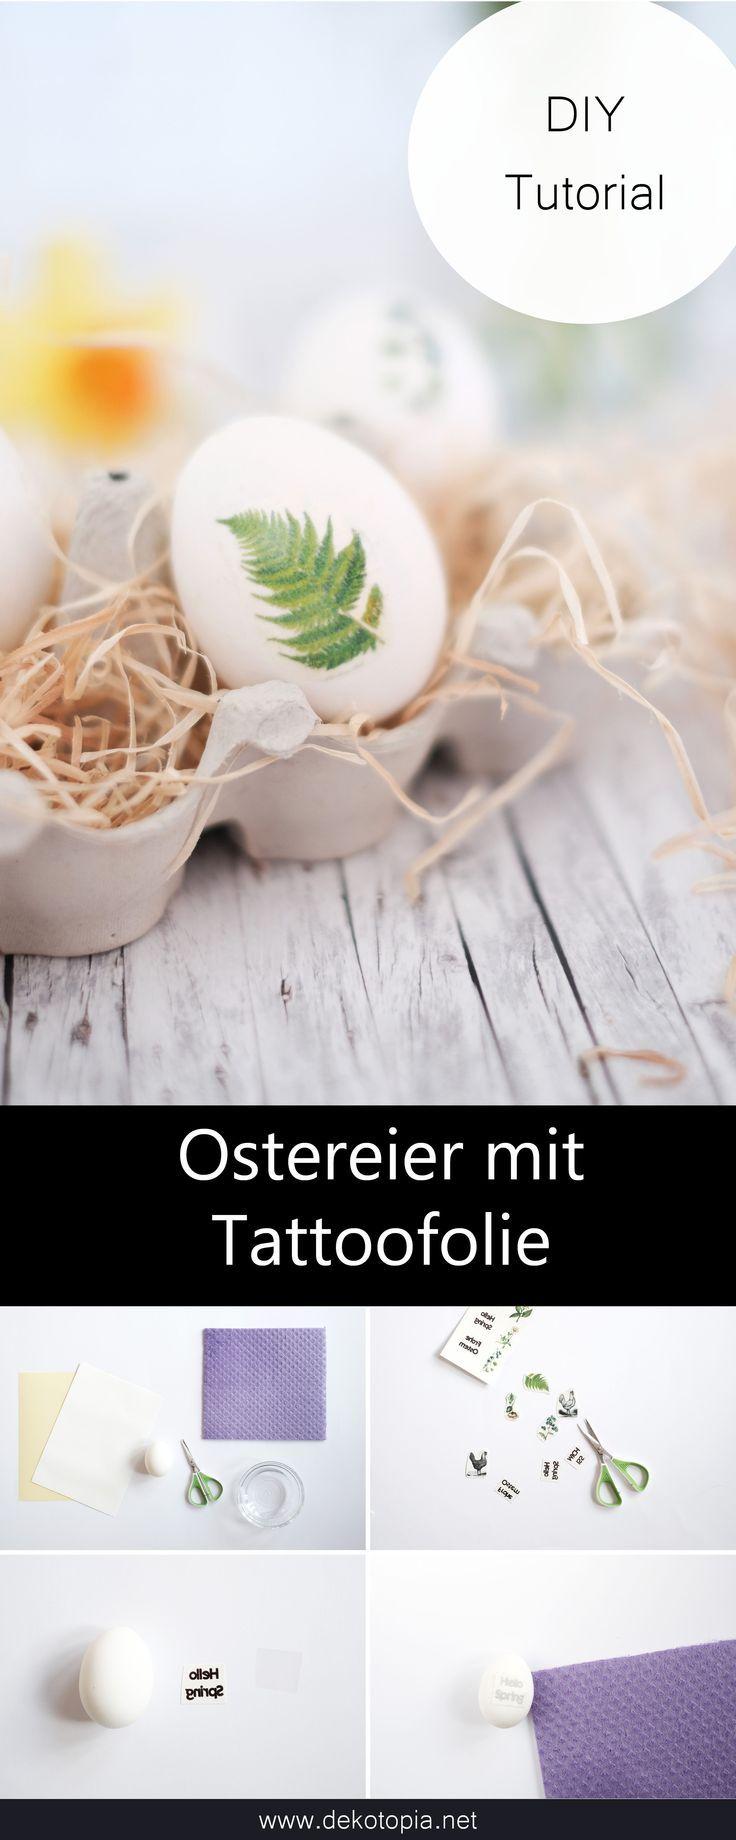 Ostereier mit Tattoofolie verschönern | dekotopia